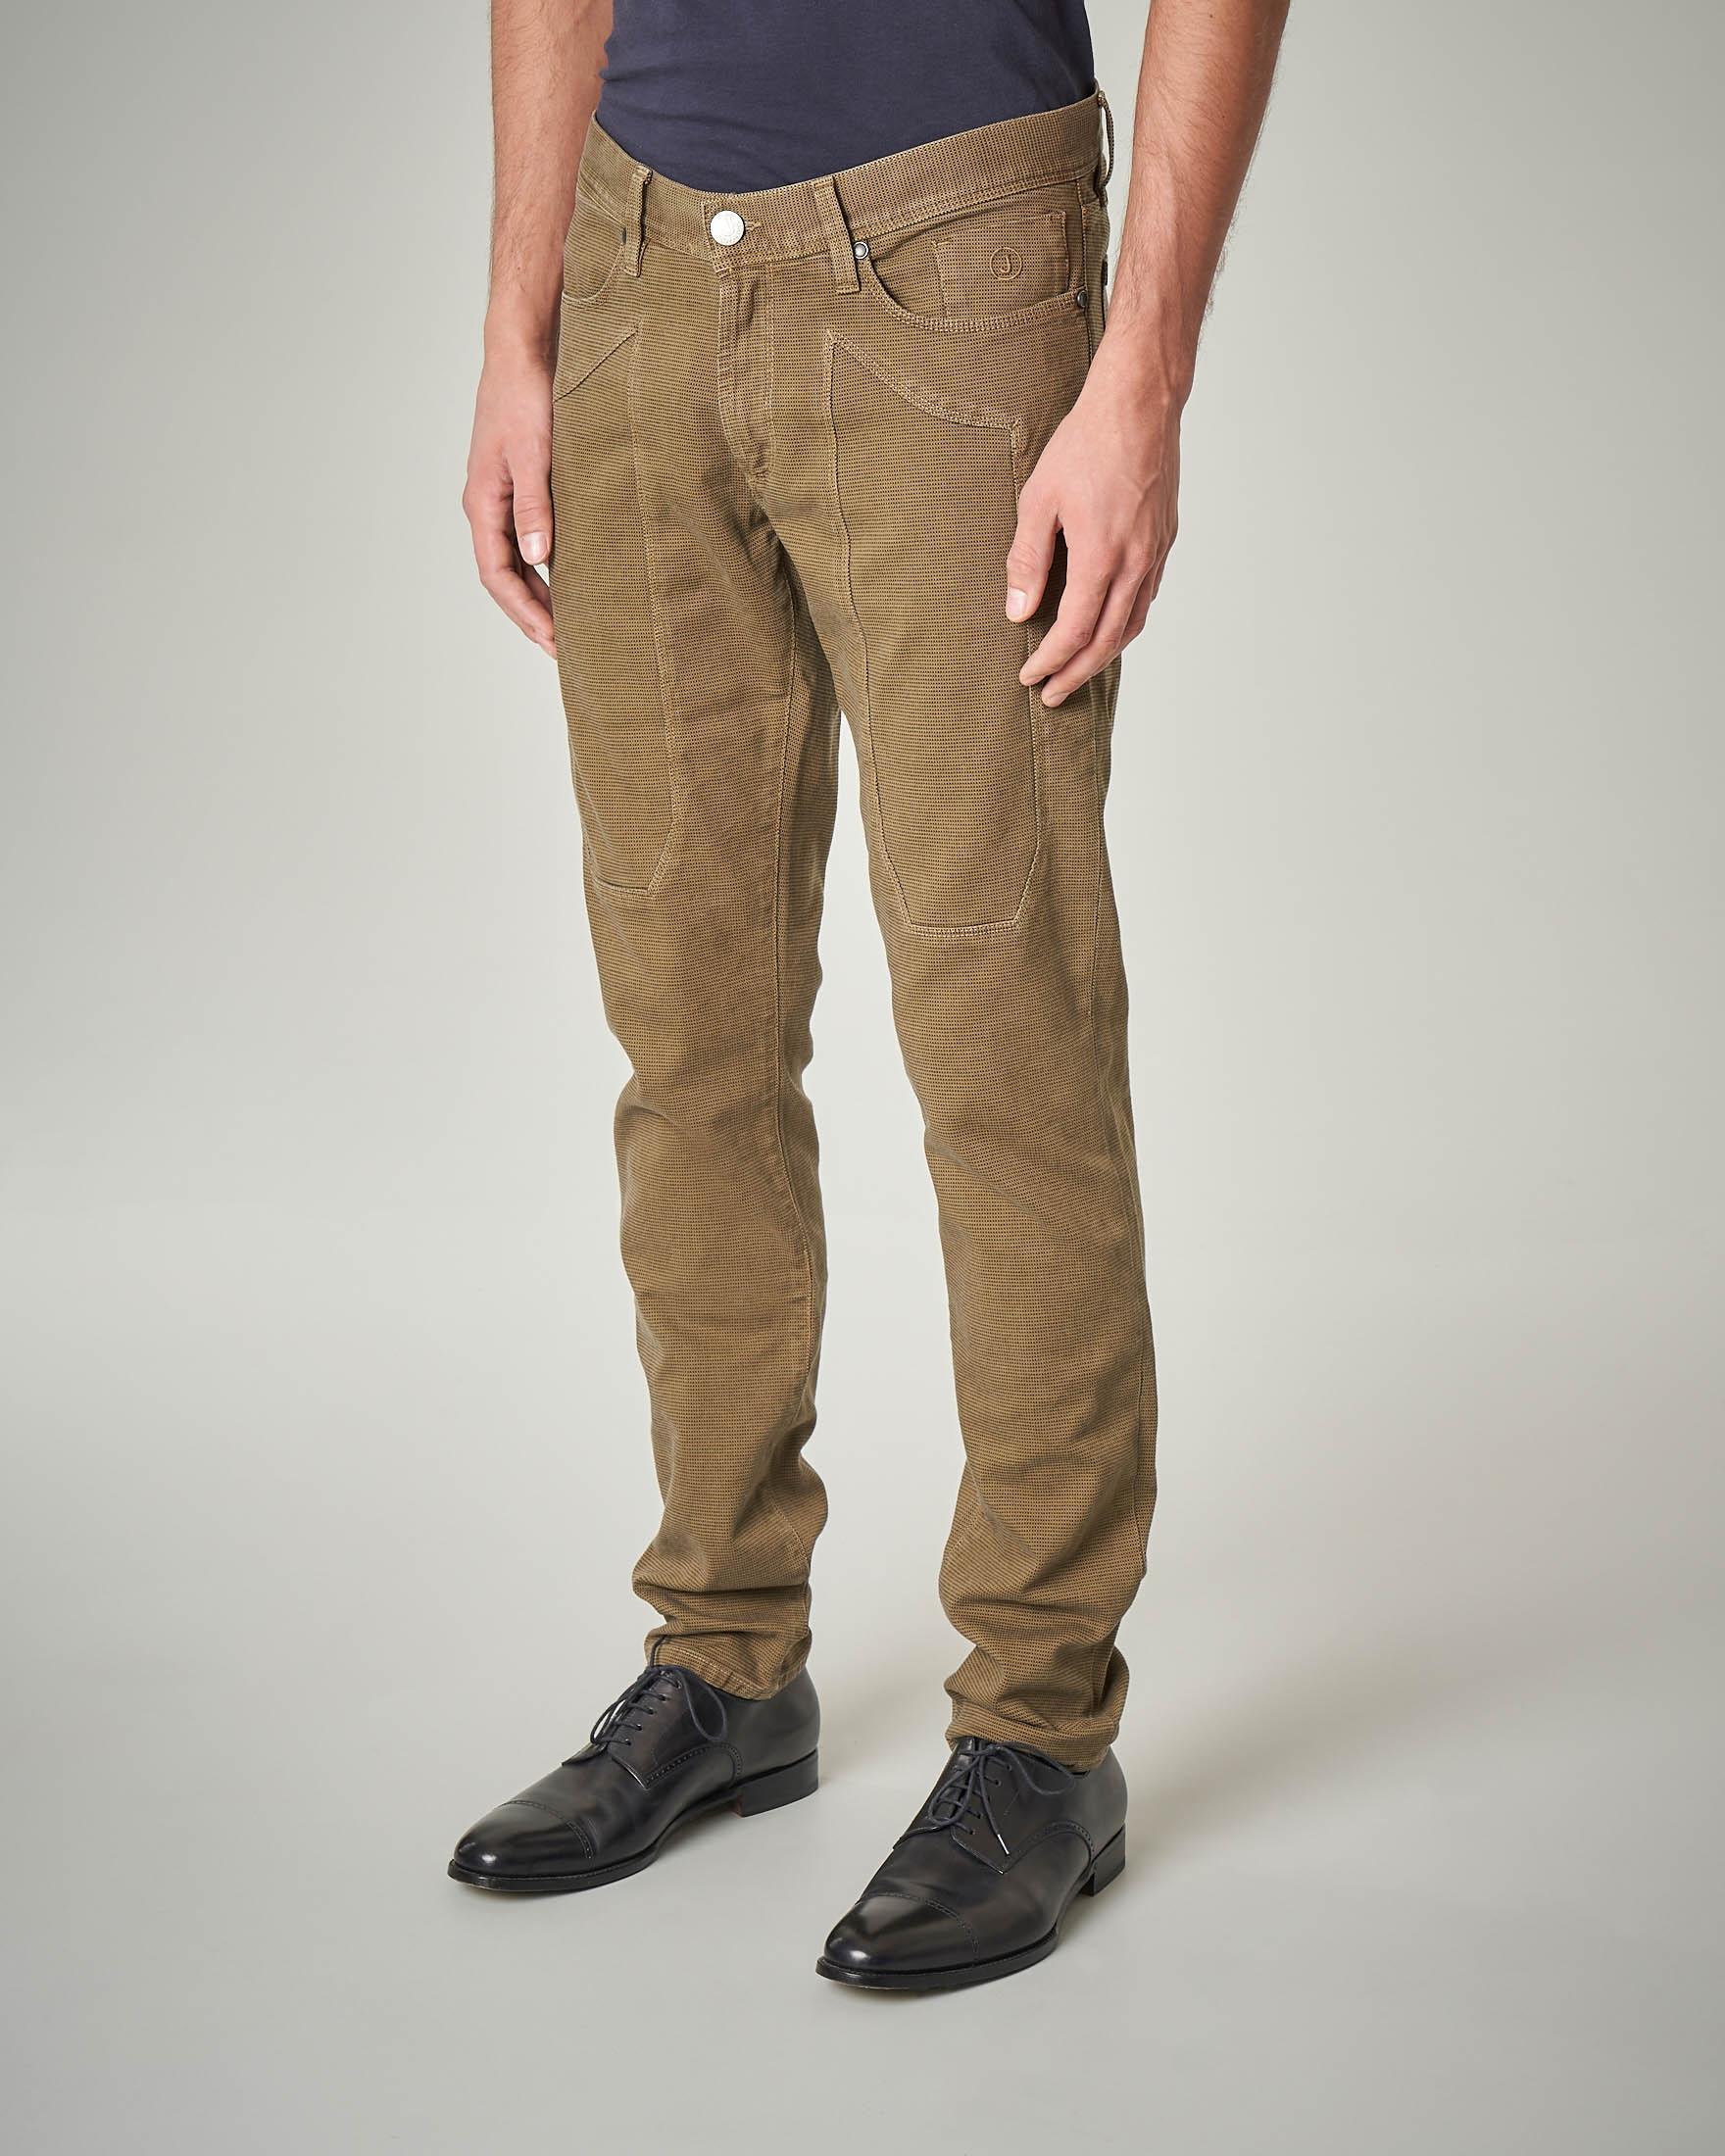 Pantalone cinque tasche color cammello con toppa